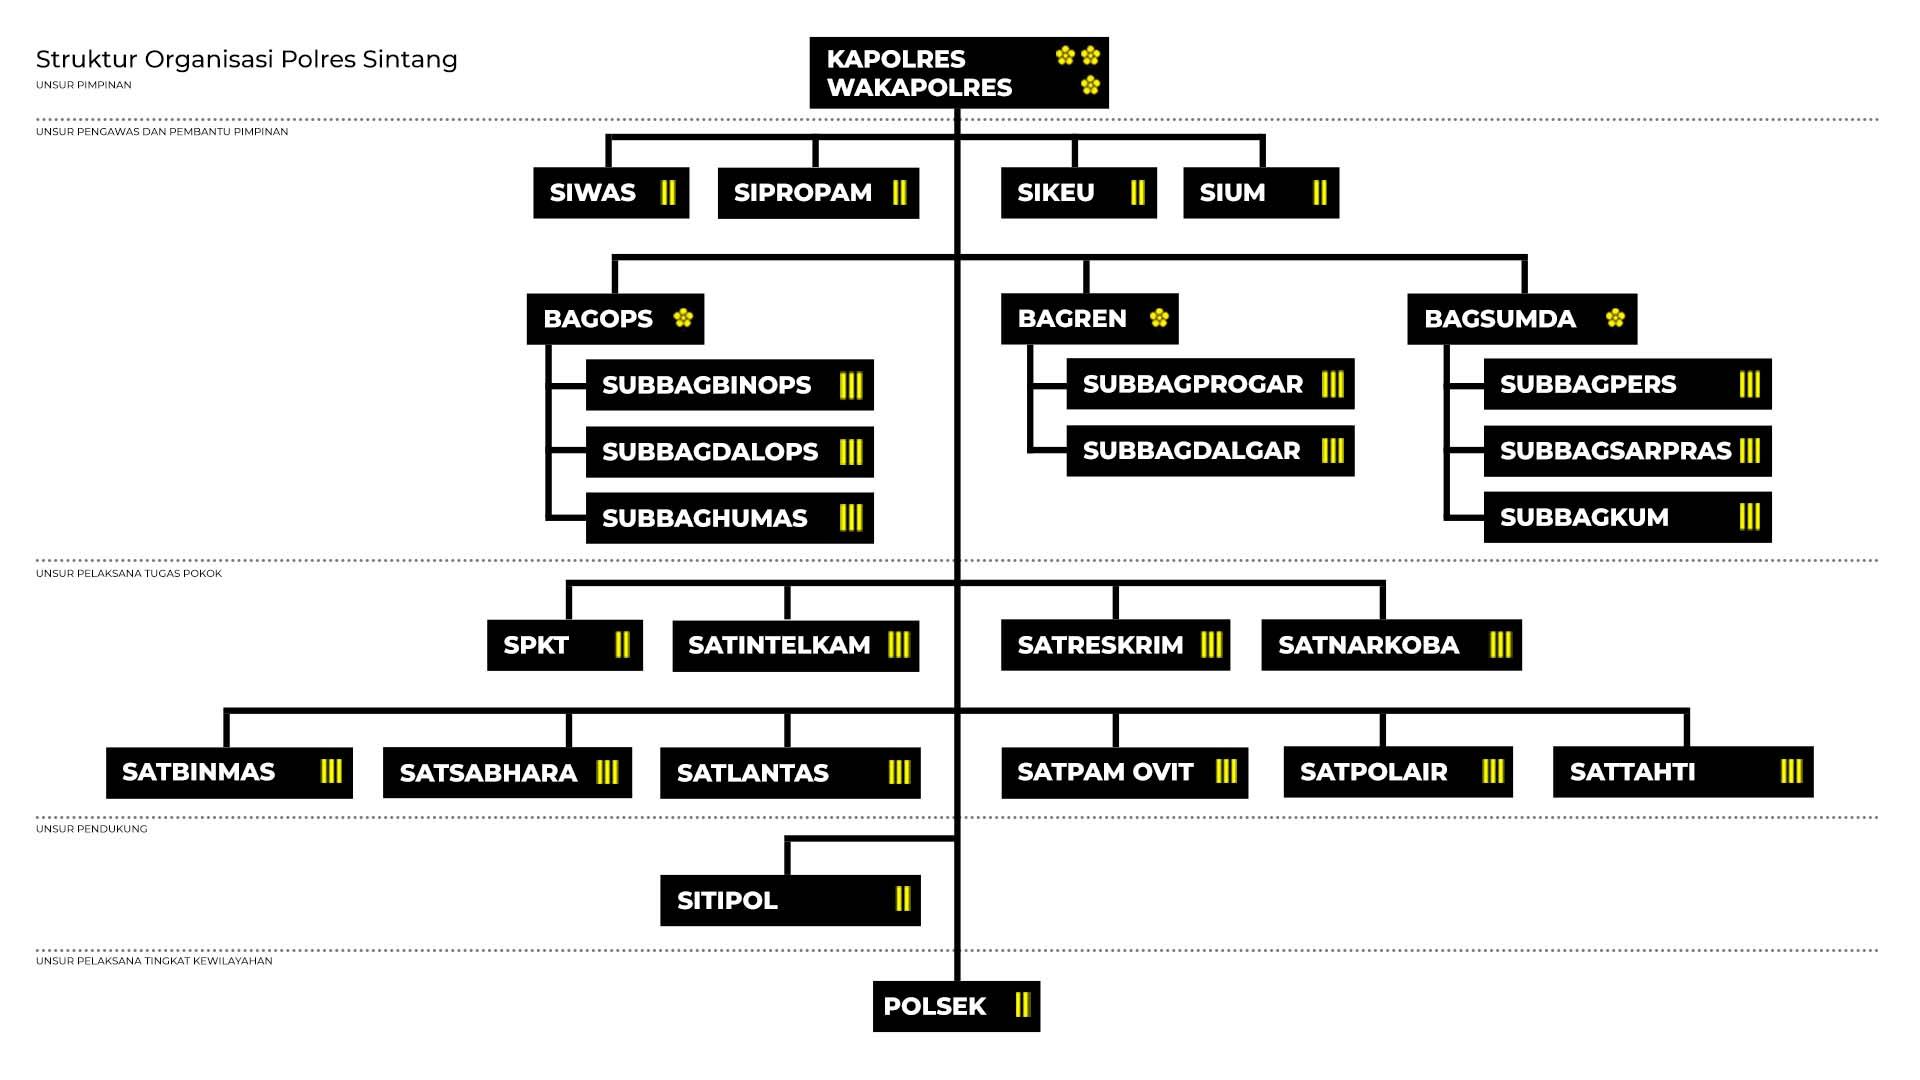 Struktur Organisasi Polres Sintang